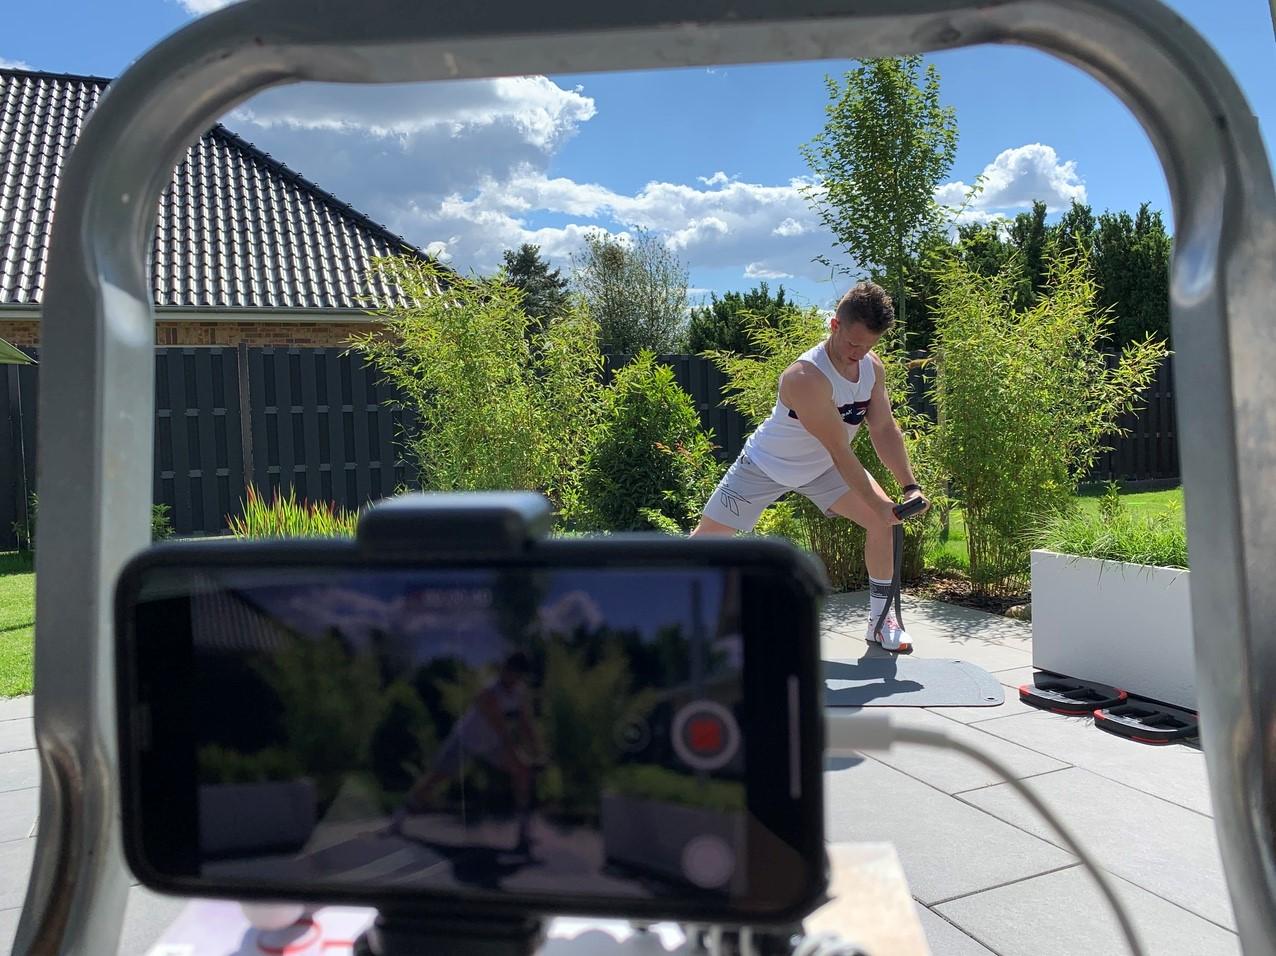 René - CXWORX UNITED Filming